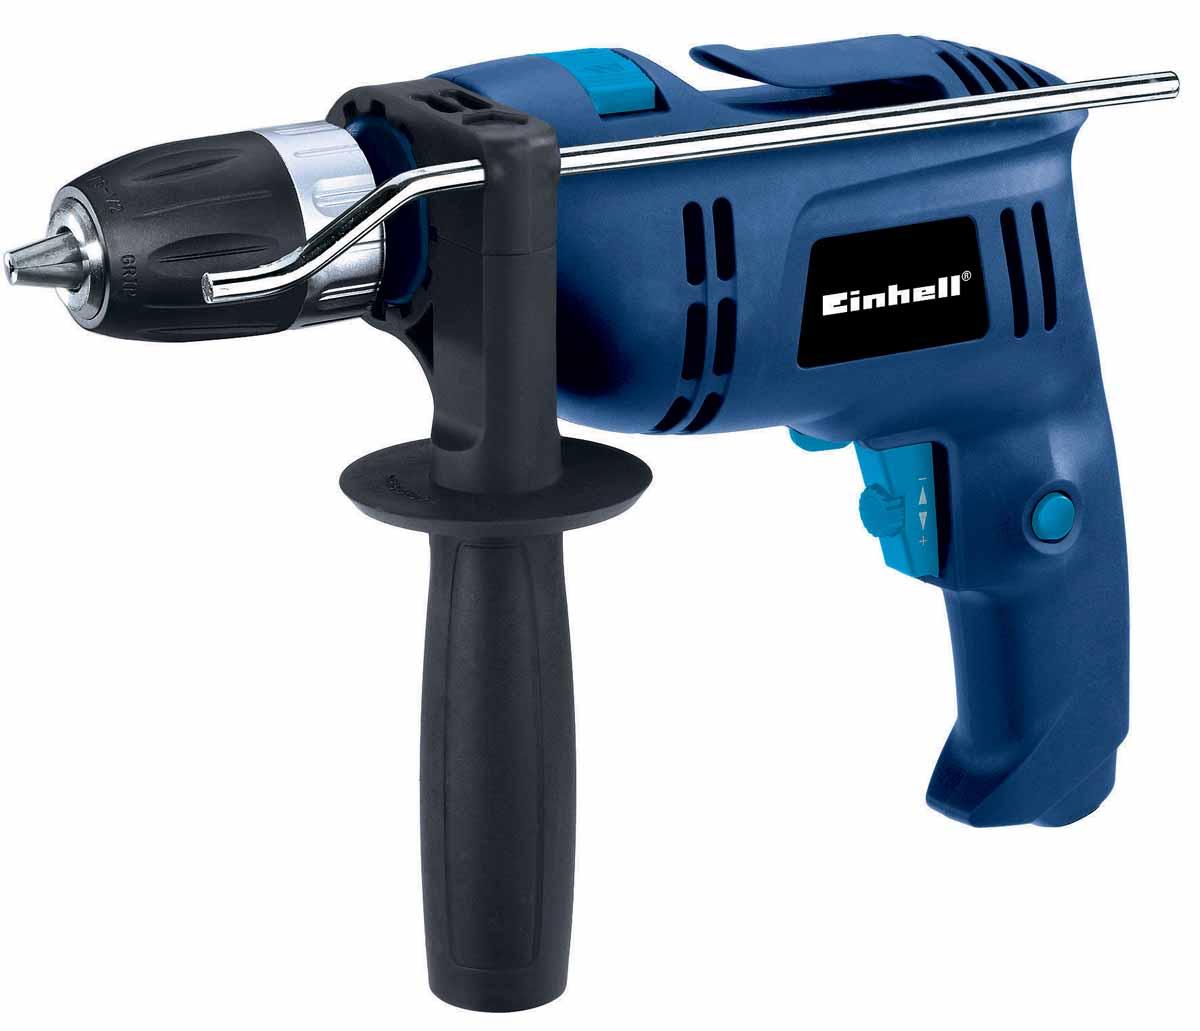 Дрель ударная EINHELL BT-ID 650 E4258658Мощность: 650 Вт. Kоличество оборотов: 0-2100 об/мин. Регулировка оборотов, быстрозажимной патрон с фиксатором, 13 мм, вес 2 кг.